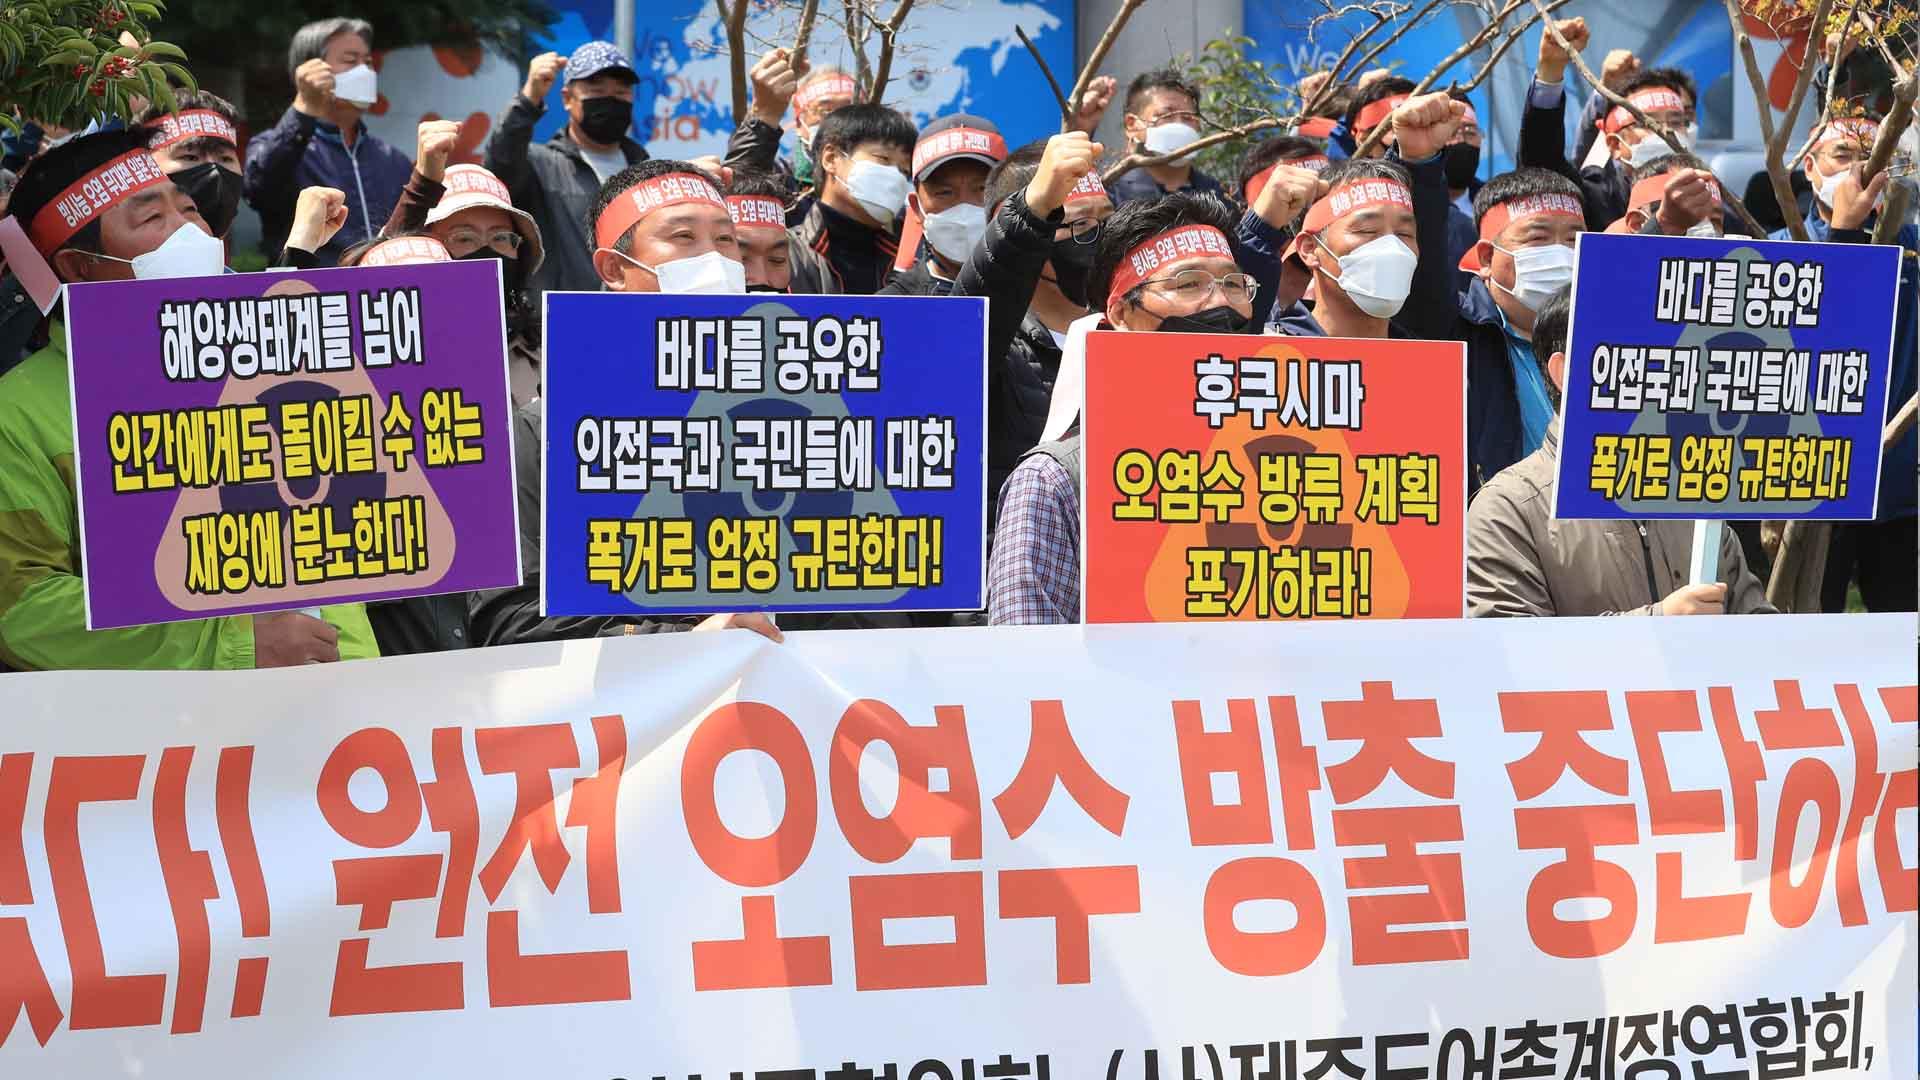 제주 수산인들, 日영사관 앞 '오염수 방류' 규탄시위